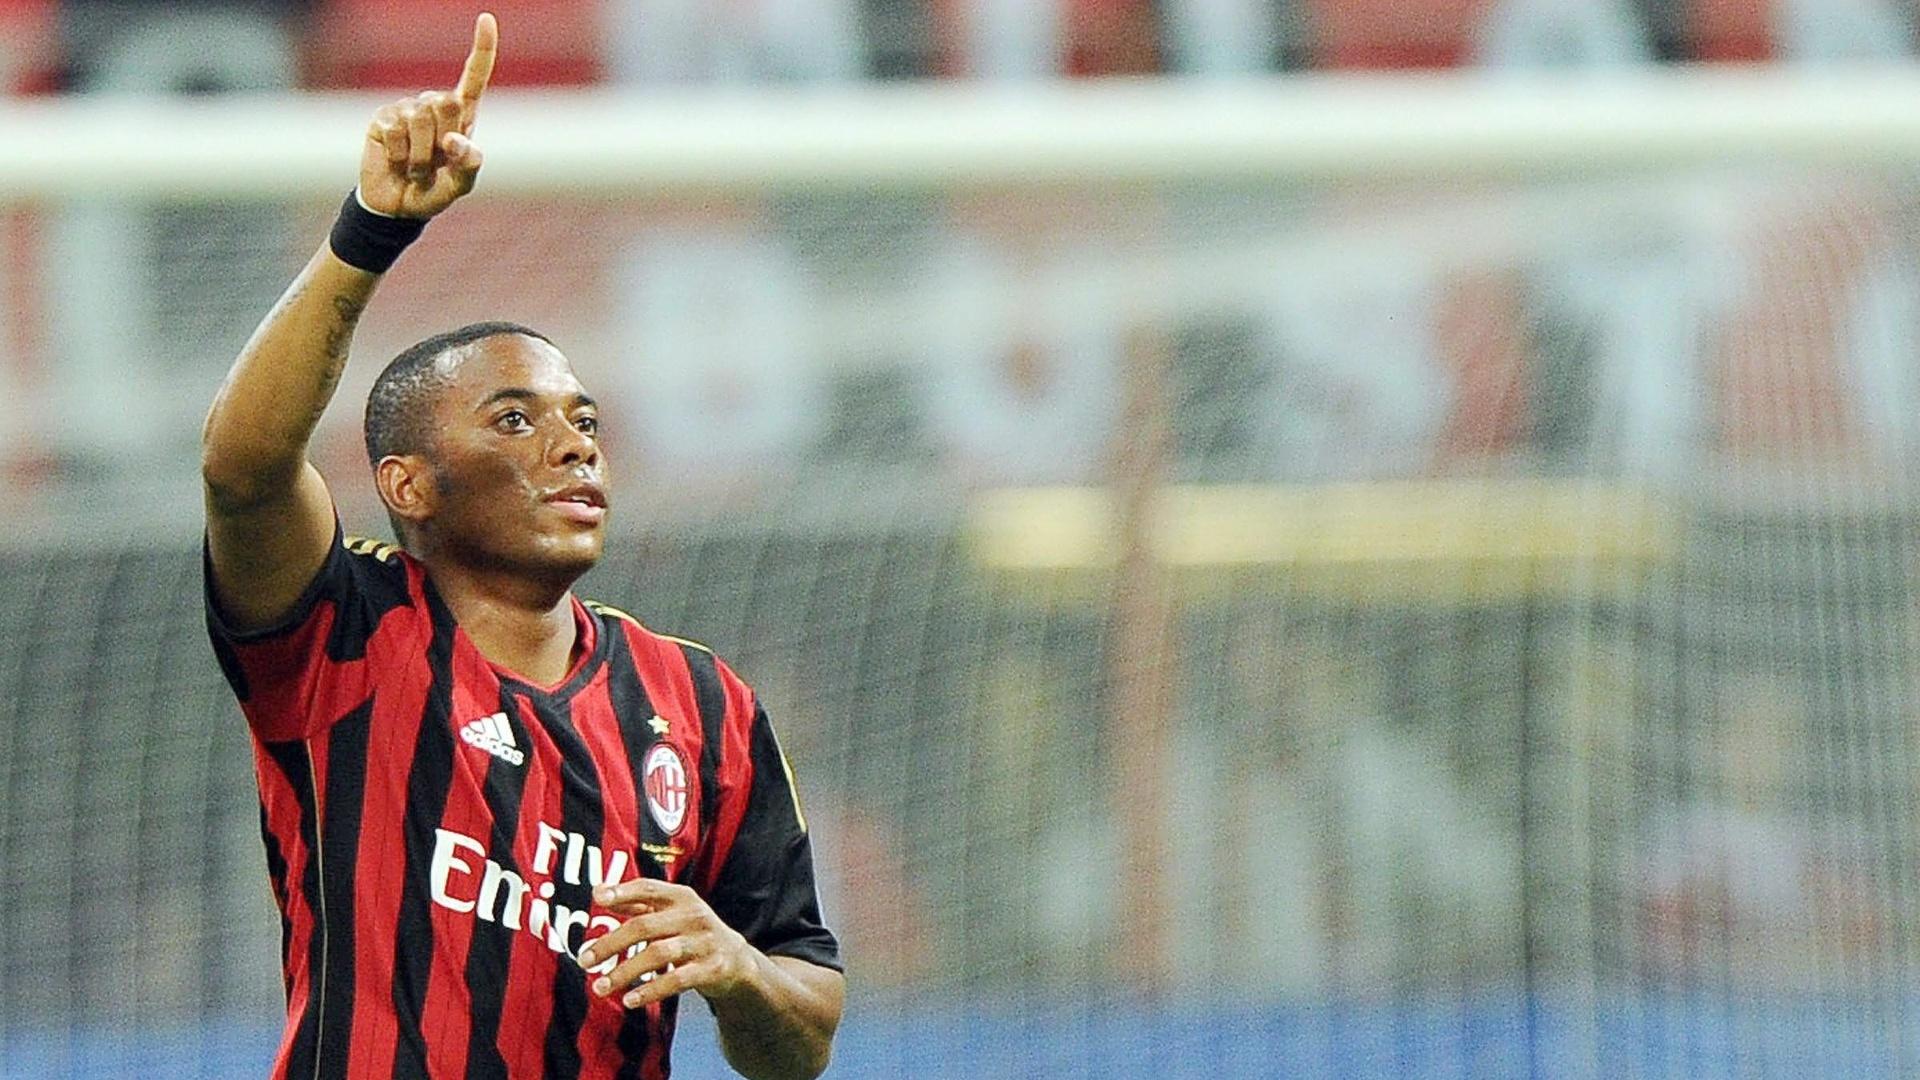 01.09.2013 - Robinho, atacante do Milan